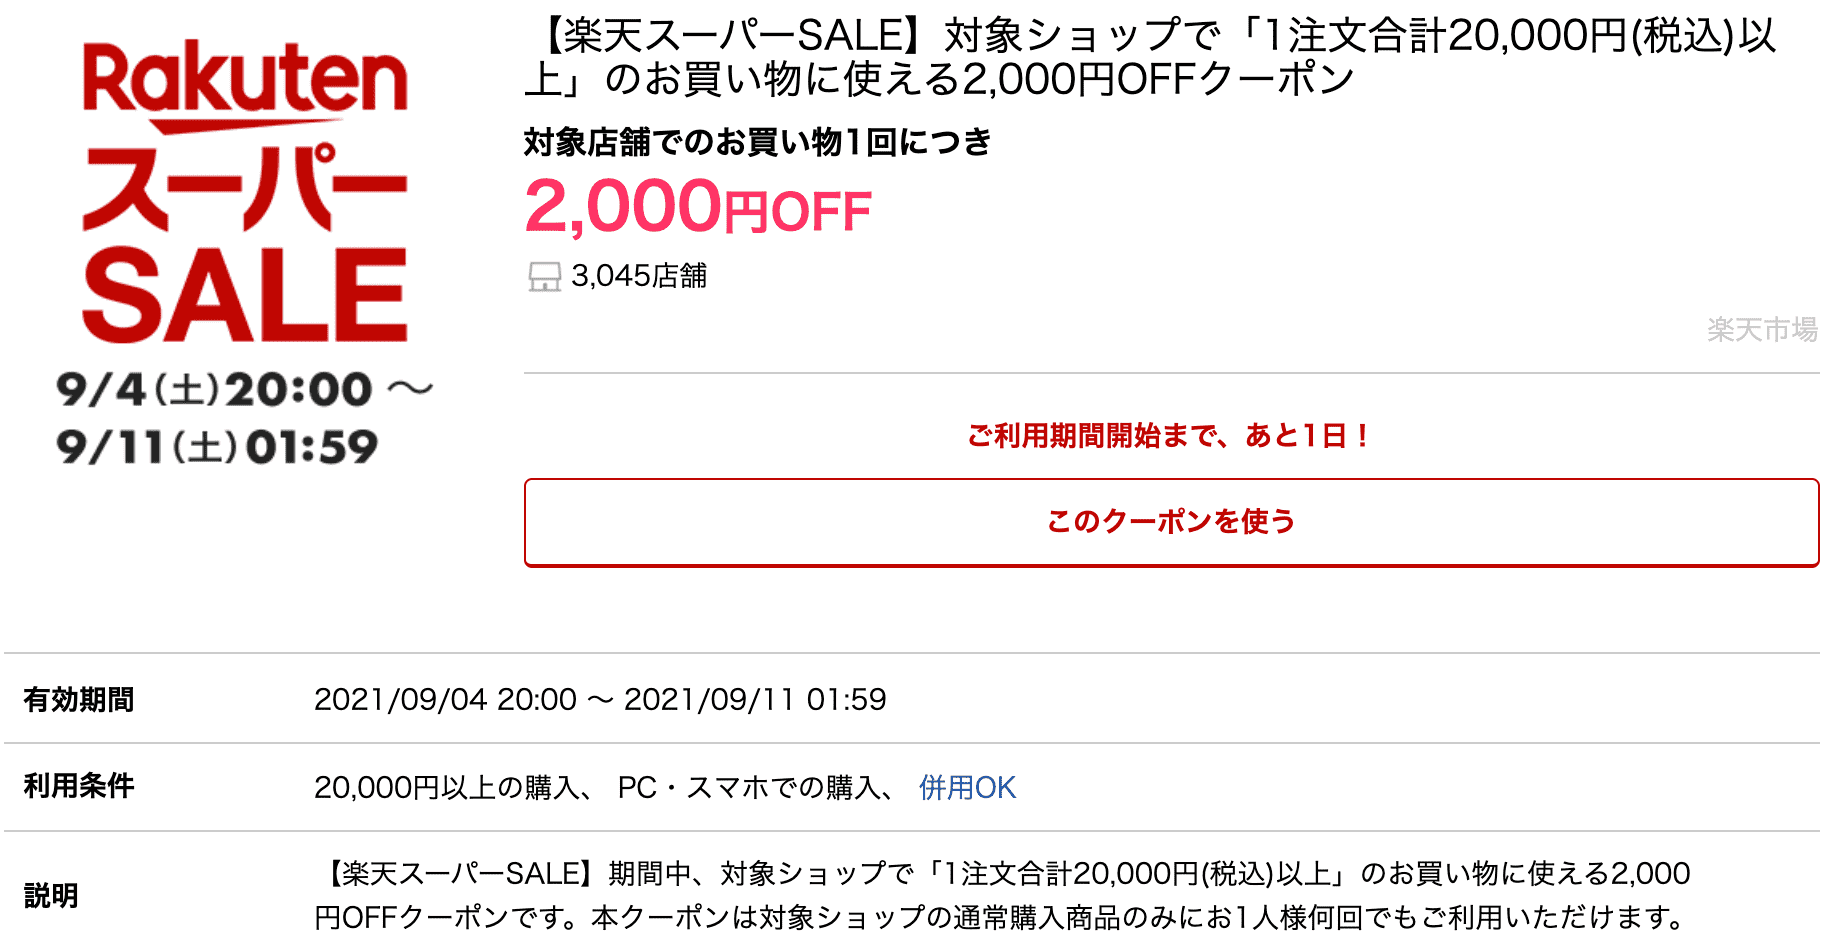 楽天スーパーセール2000円OFFクーポン